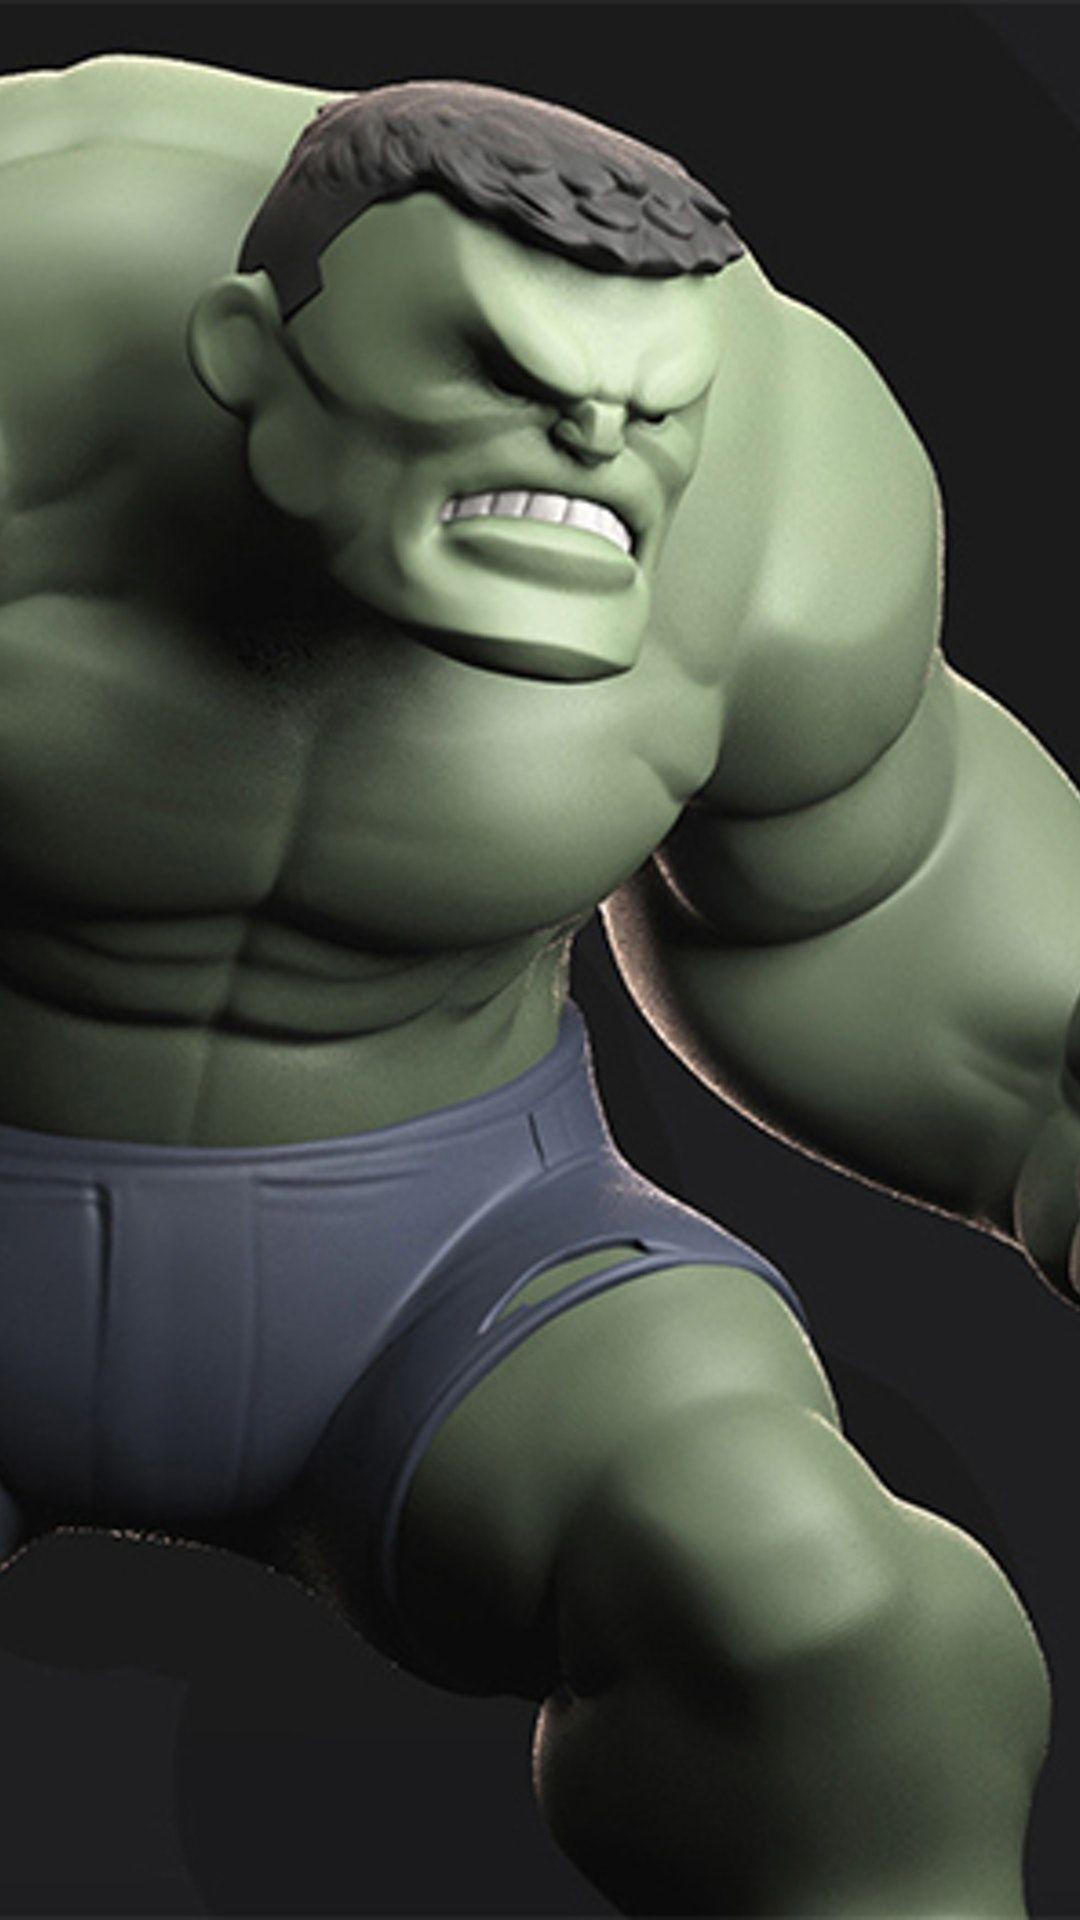 Hulk D hd wallpaper for iPhone 7